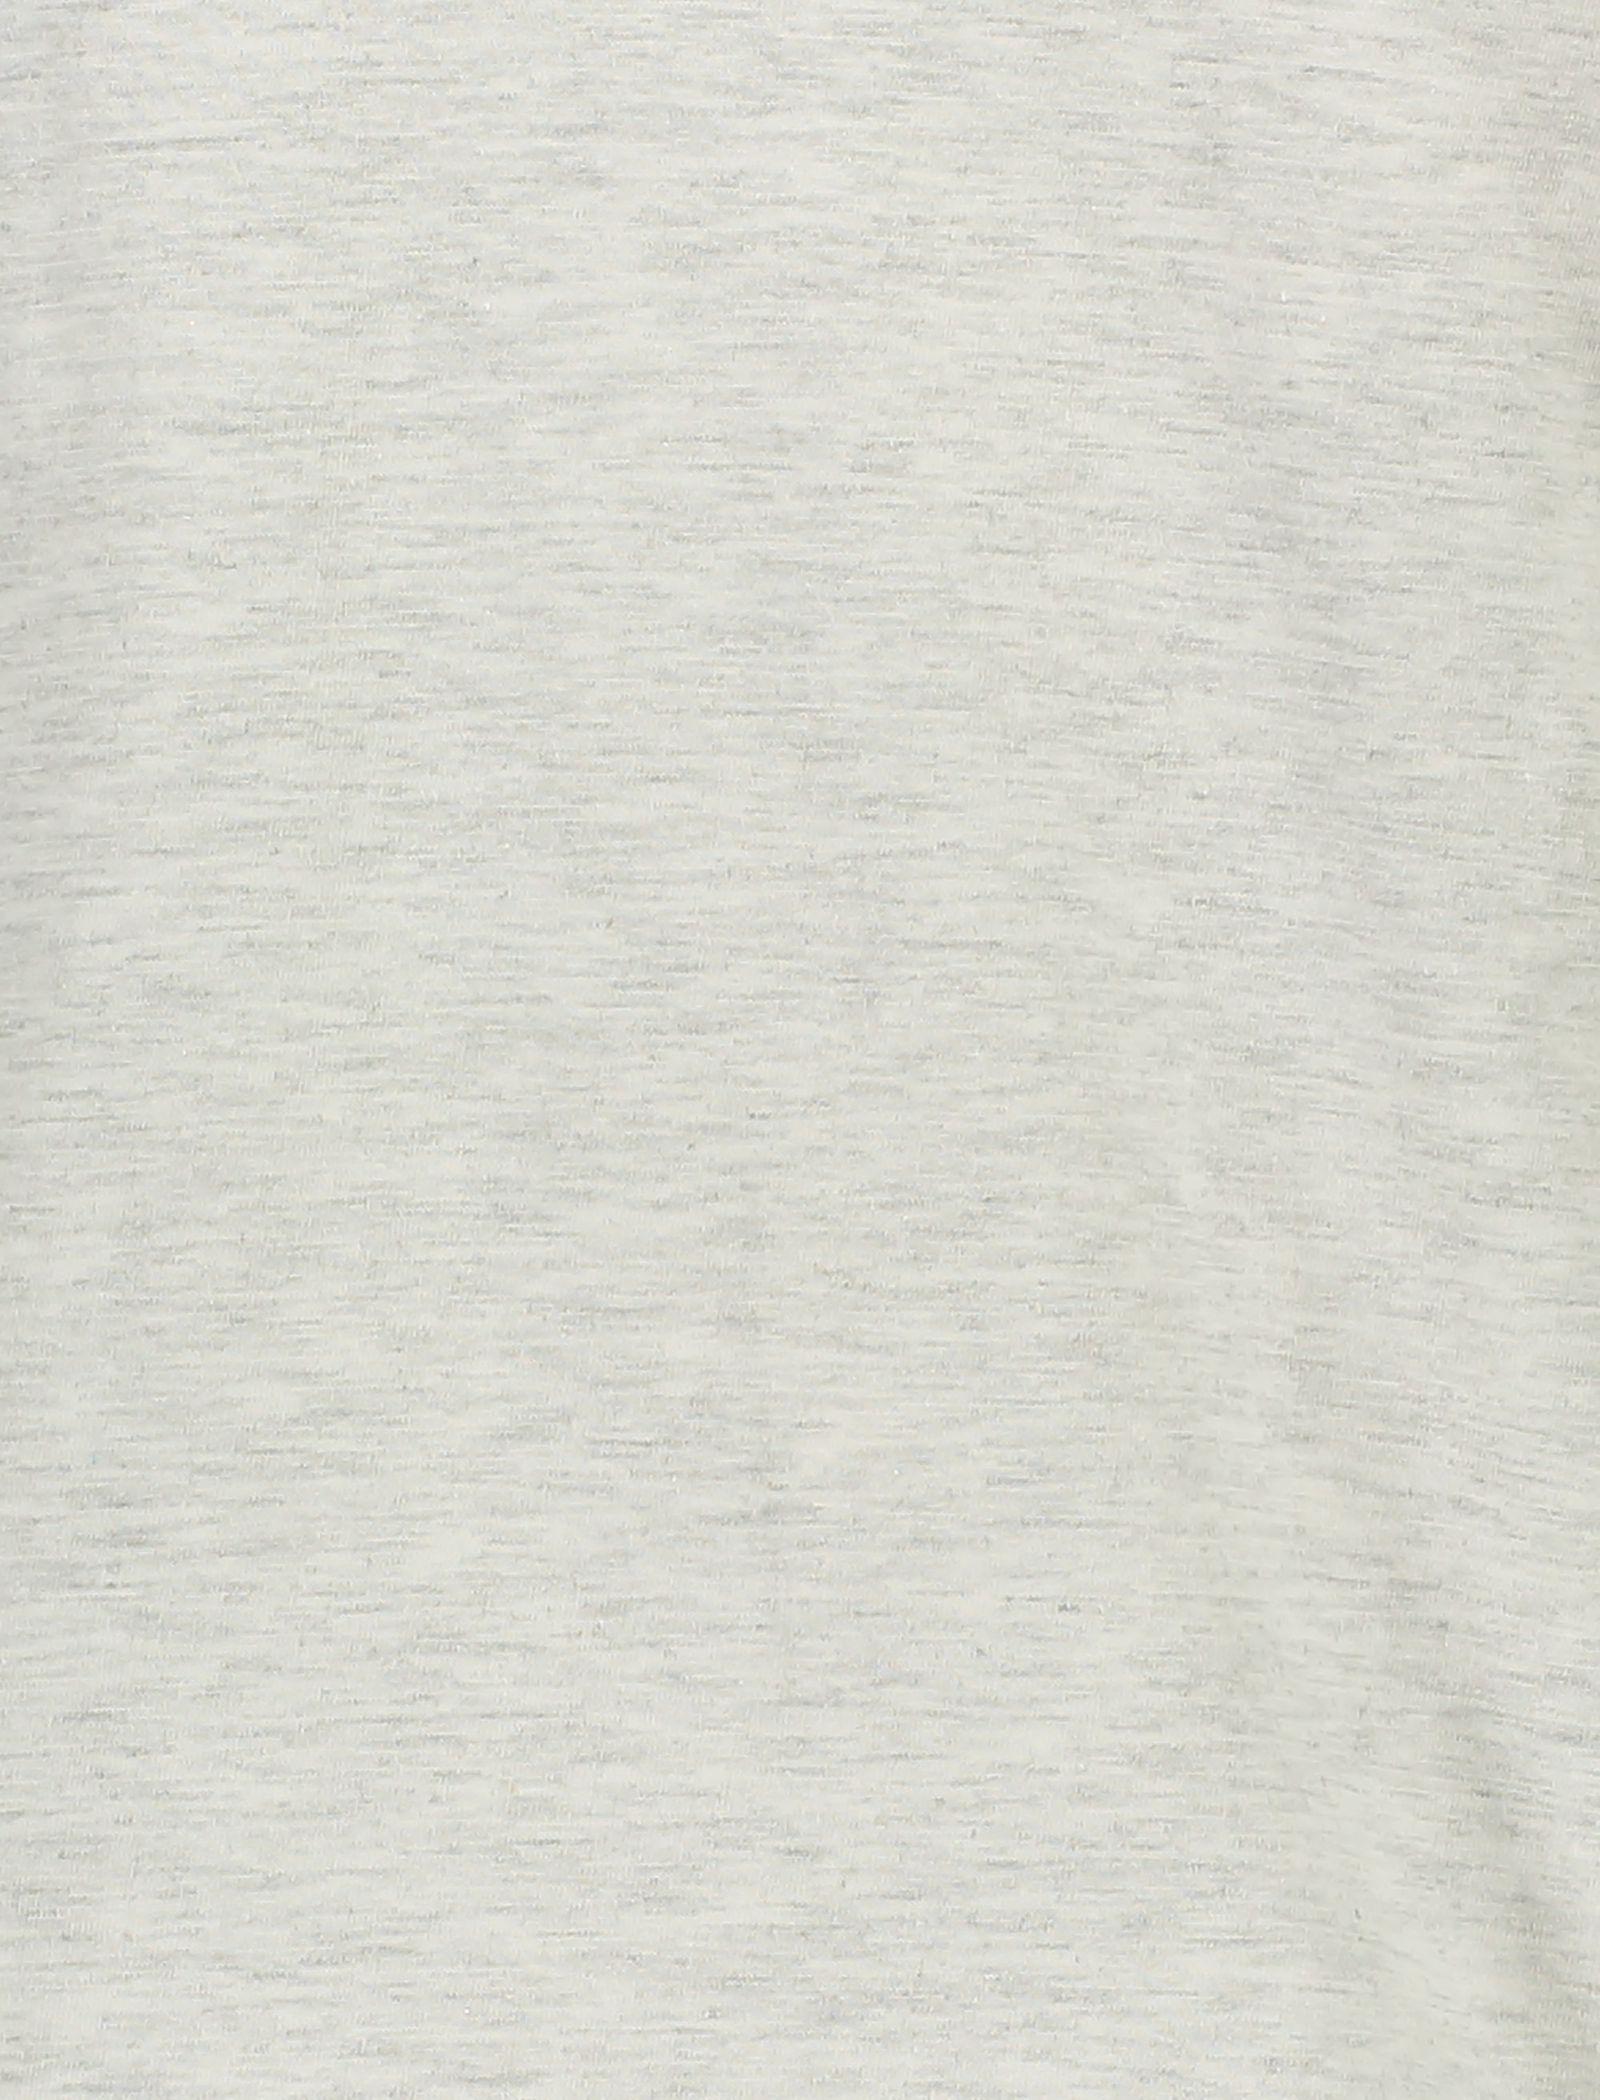 تی شرت نخی یقه هفت مردانه - یوپیم - طوسي - 4